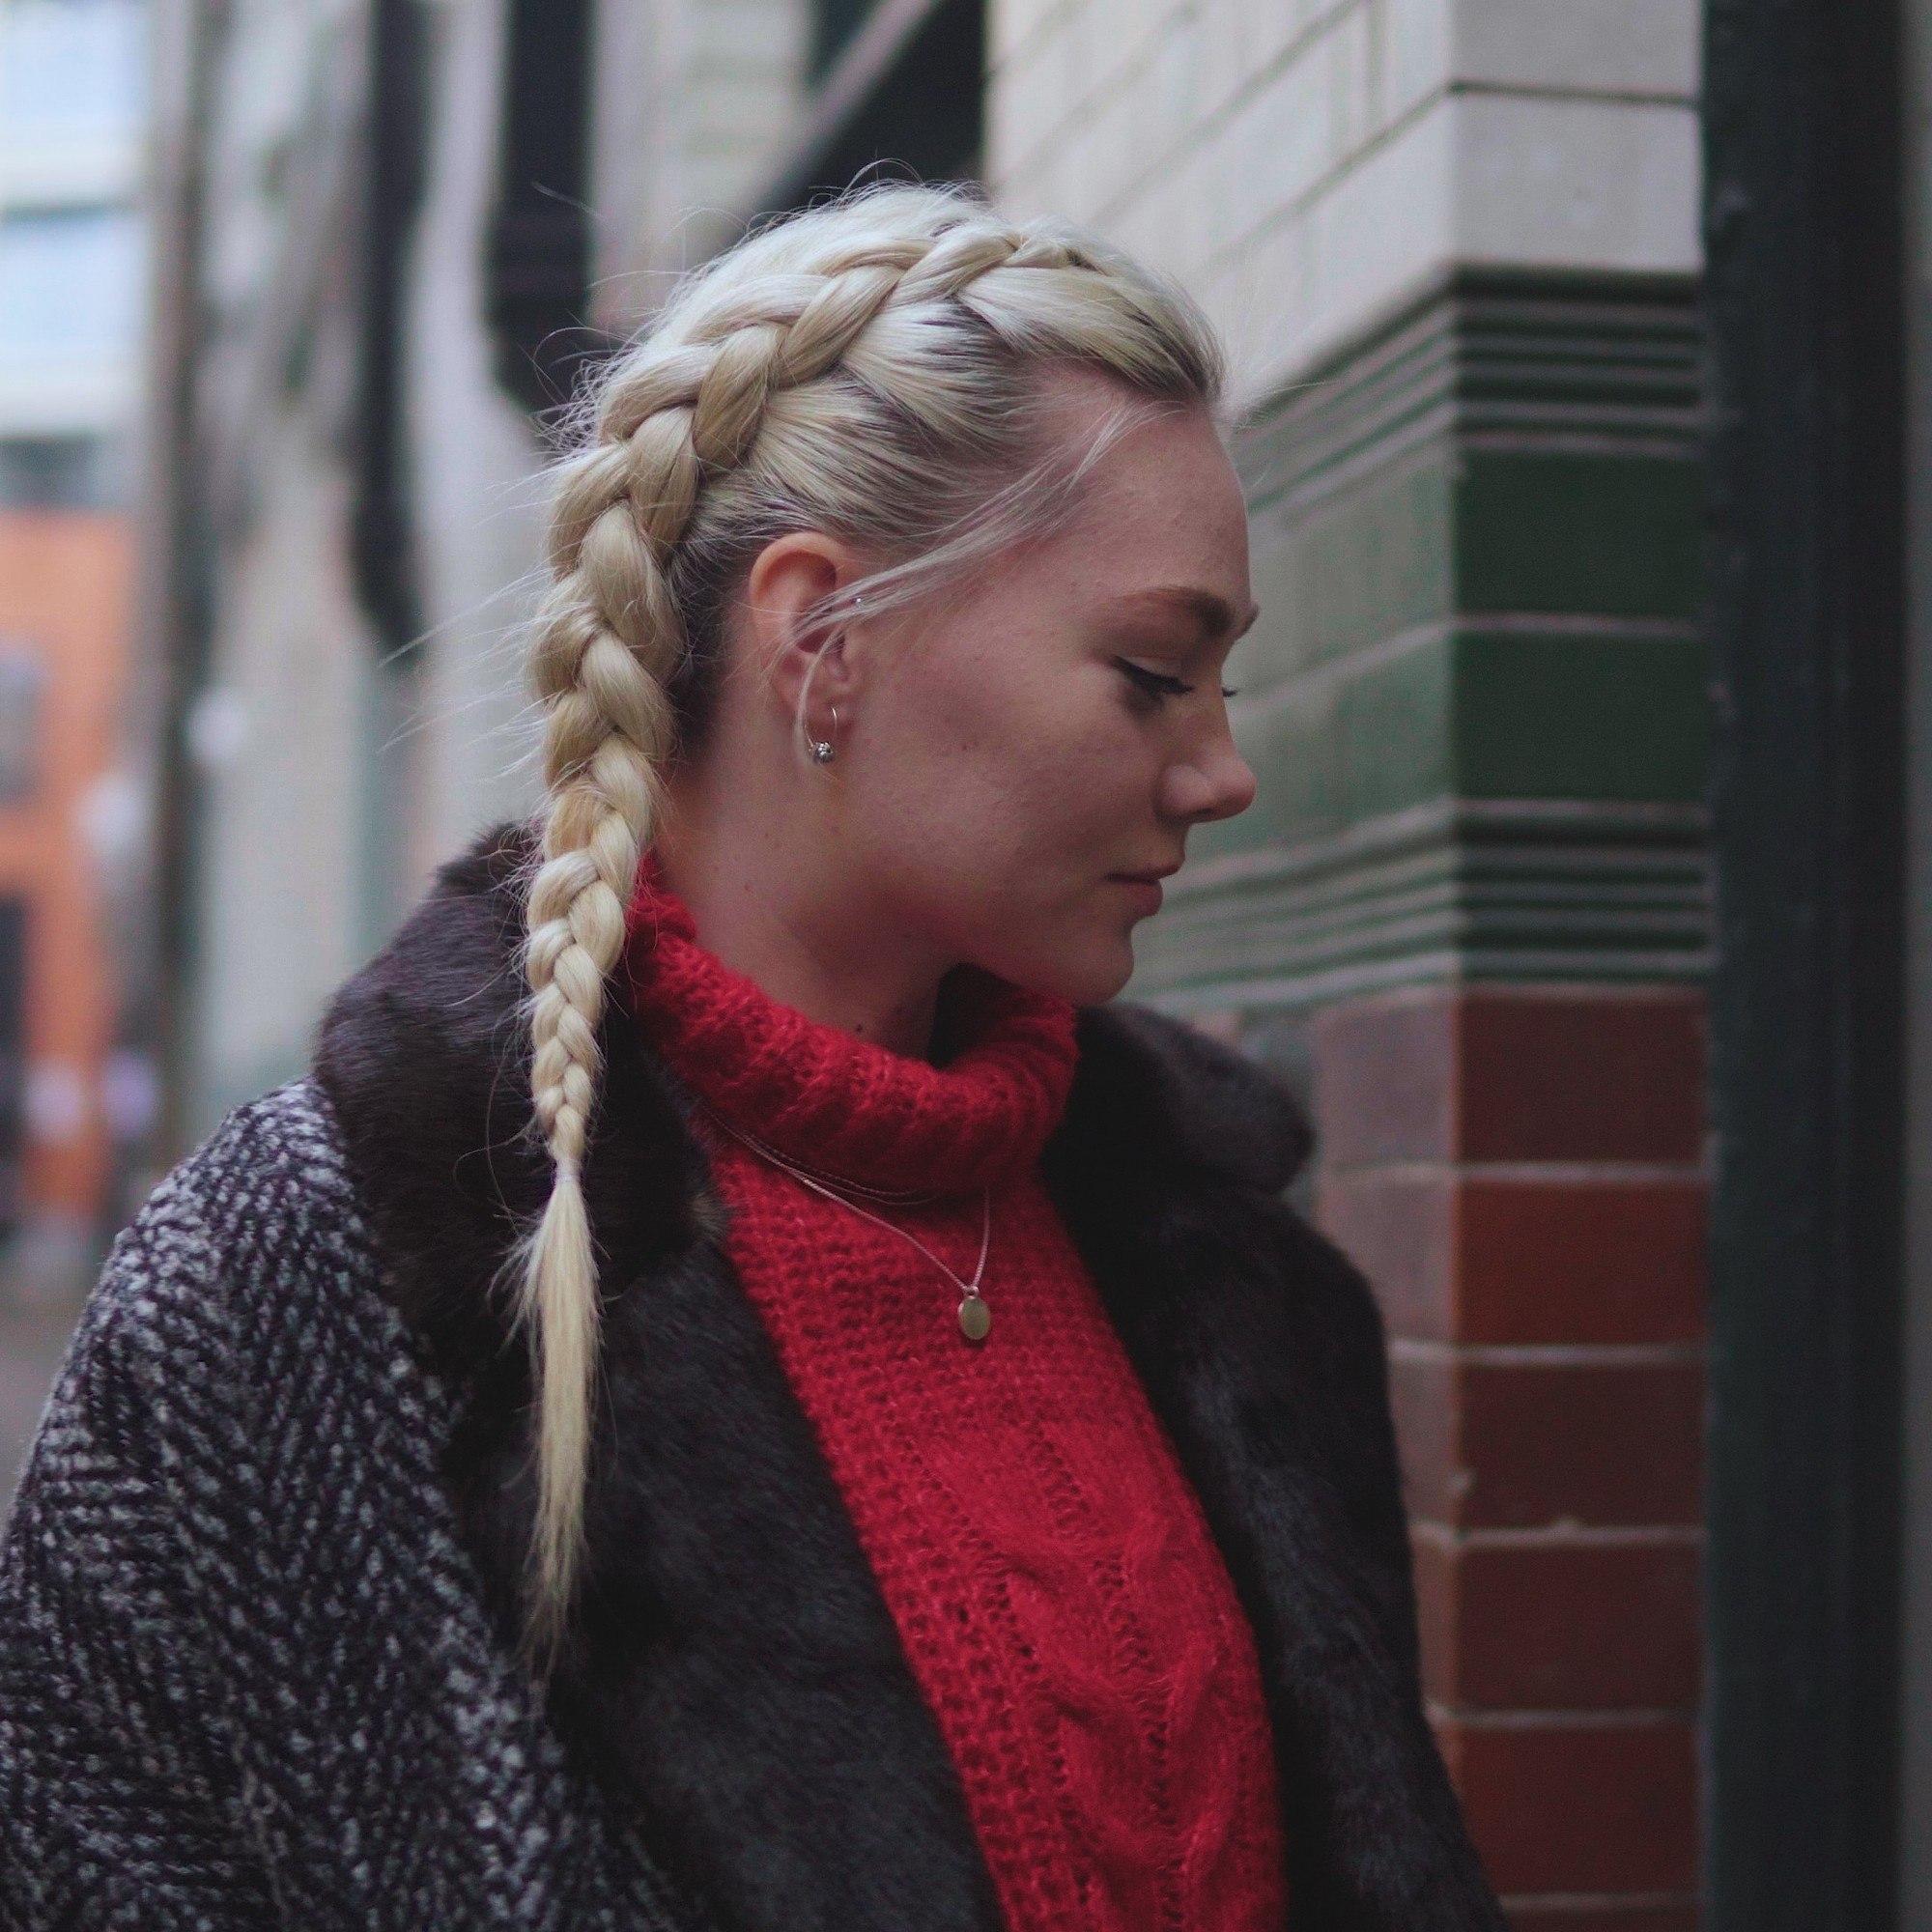 Femme blonde avec une tresse de côté